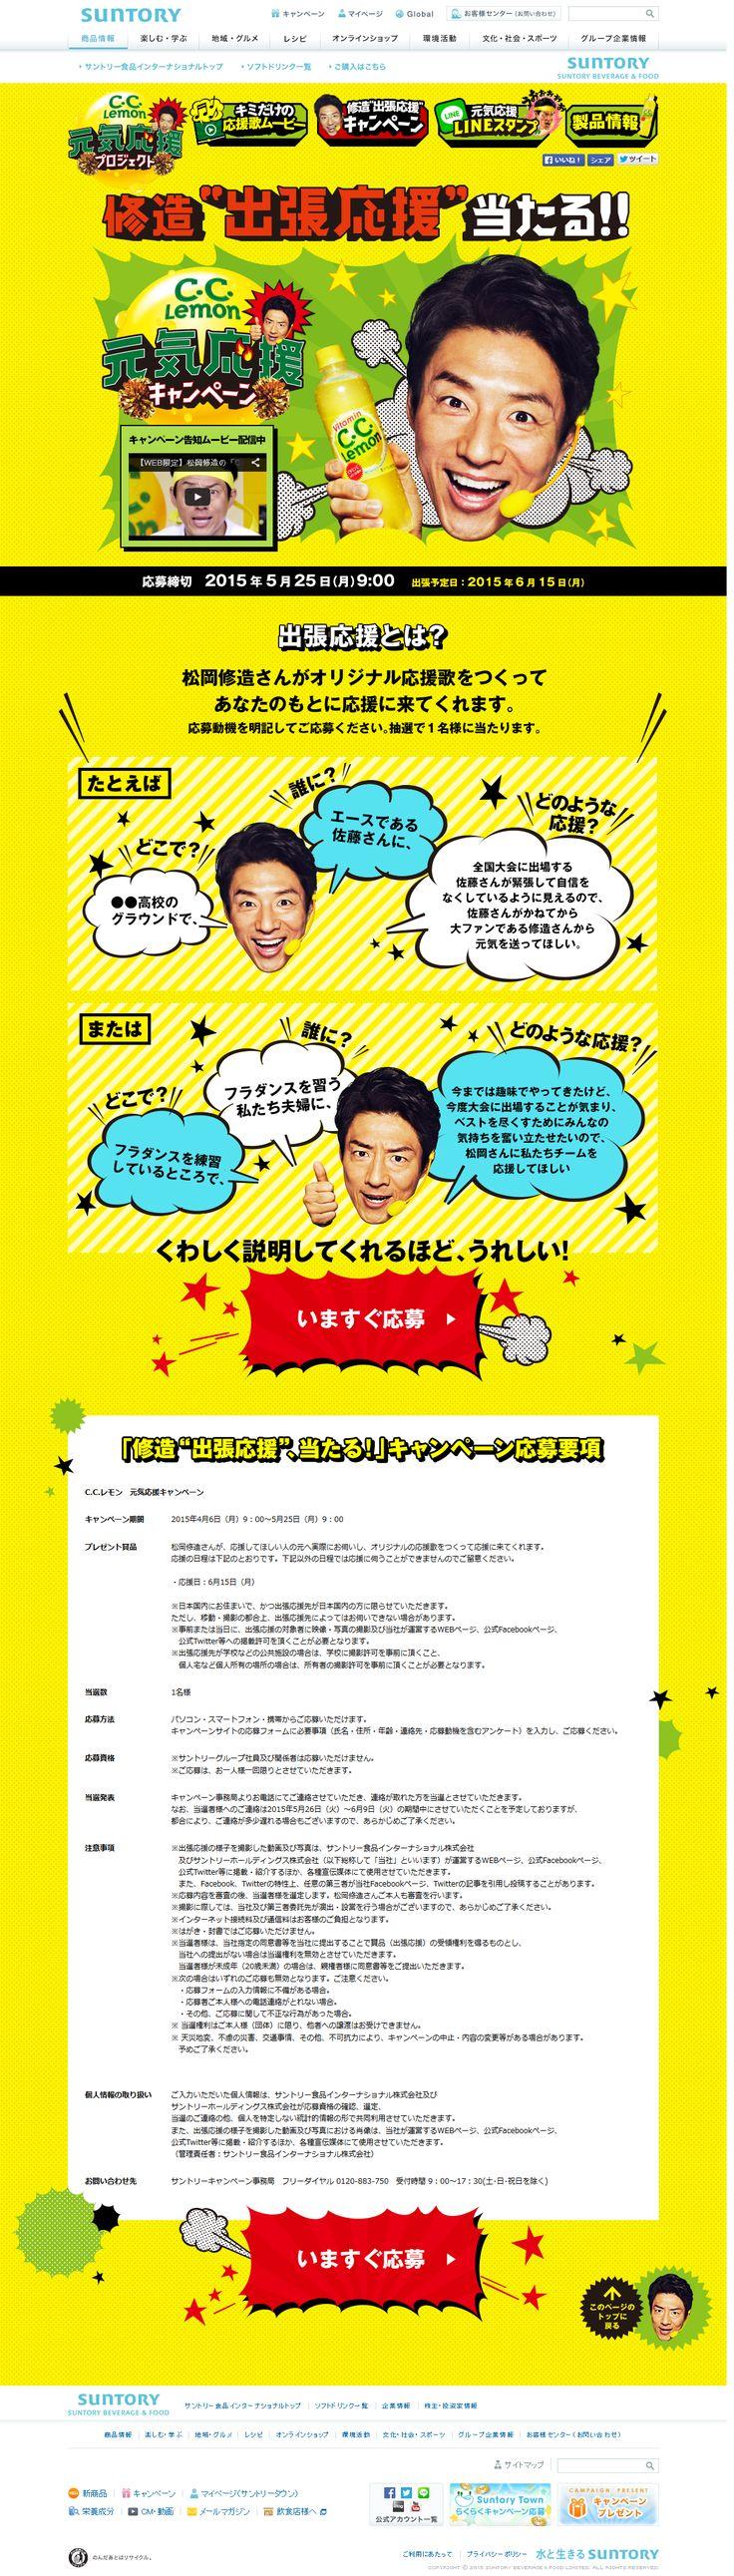 http://www.suntory.co.jp/softdrink/cclemon/cp/?fromid=cmn_pucamp